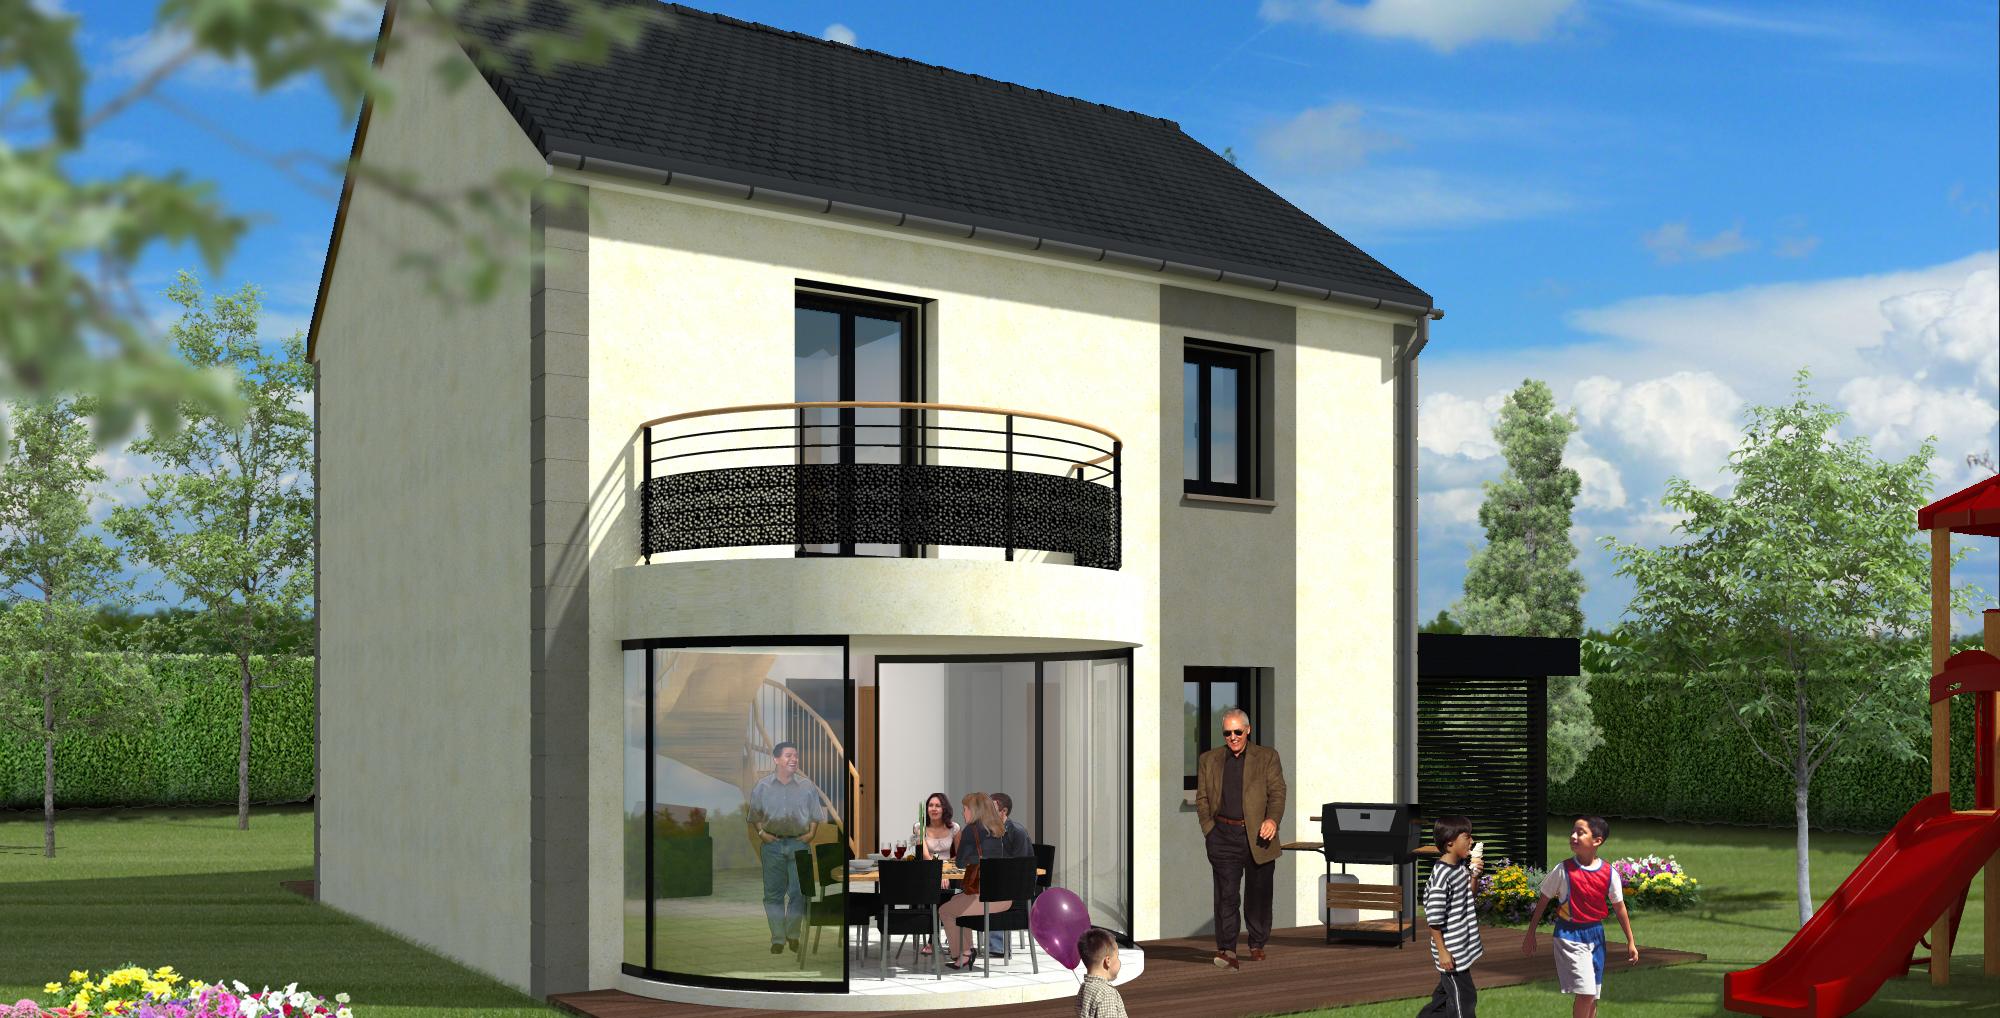 Constructeur De Maison Chartres nouveau constructeur partenaire - lumicene